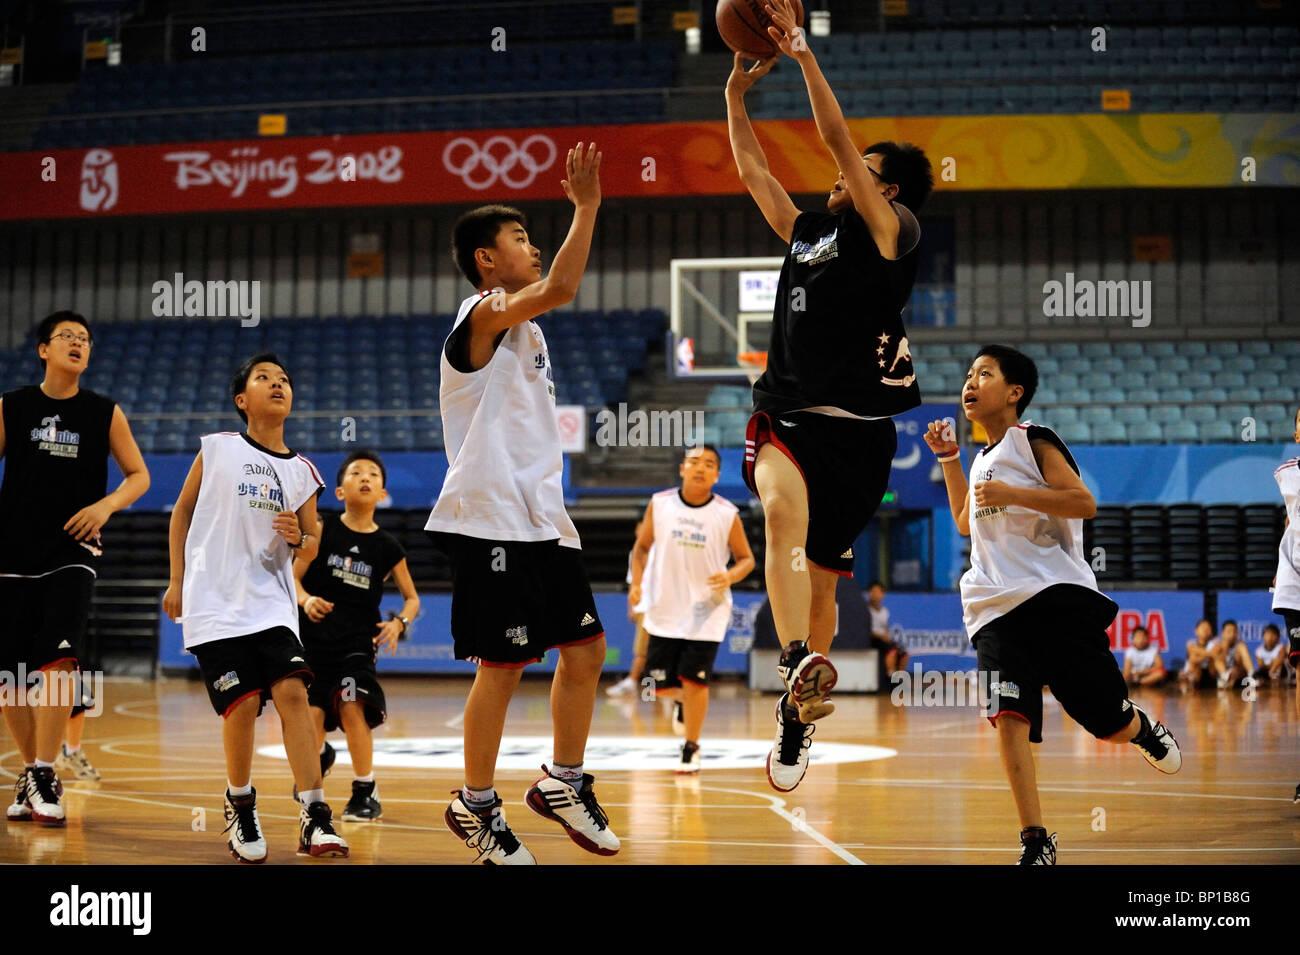 Les enfants chinois jouer au basket-ball à Beijing, Chine. Photo Stock